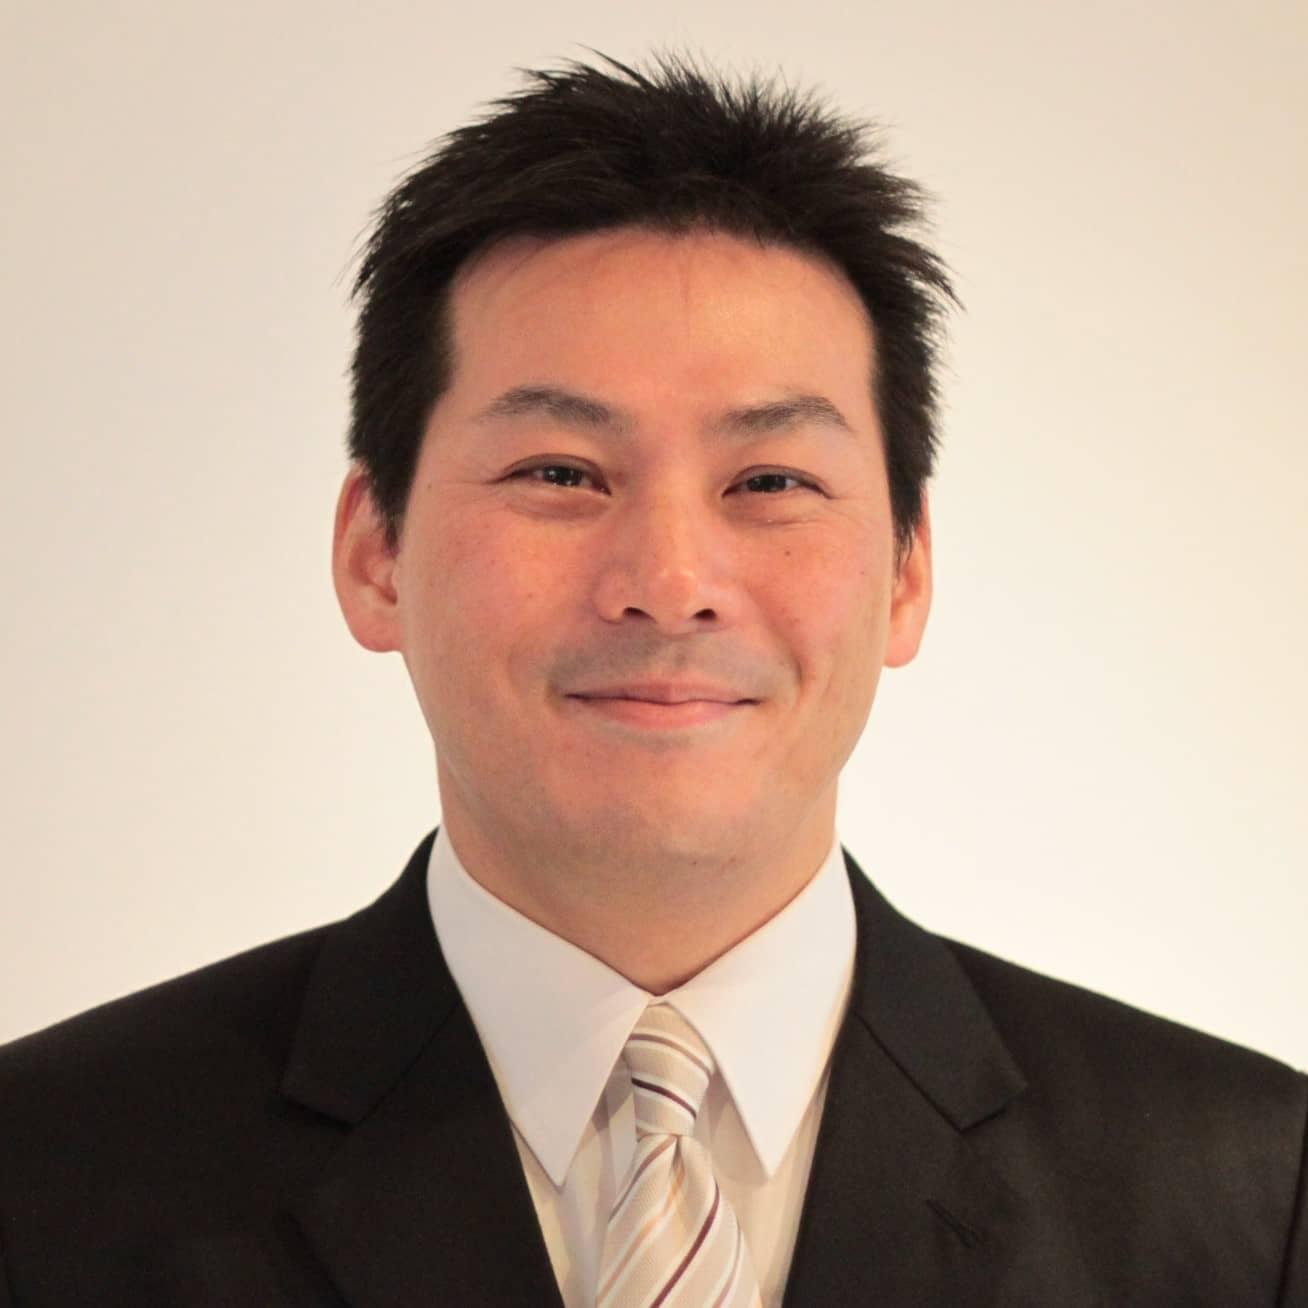 キャリアコンサルタント瀧本博史